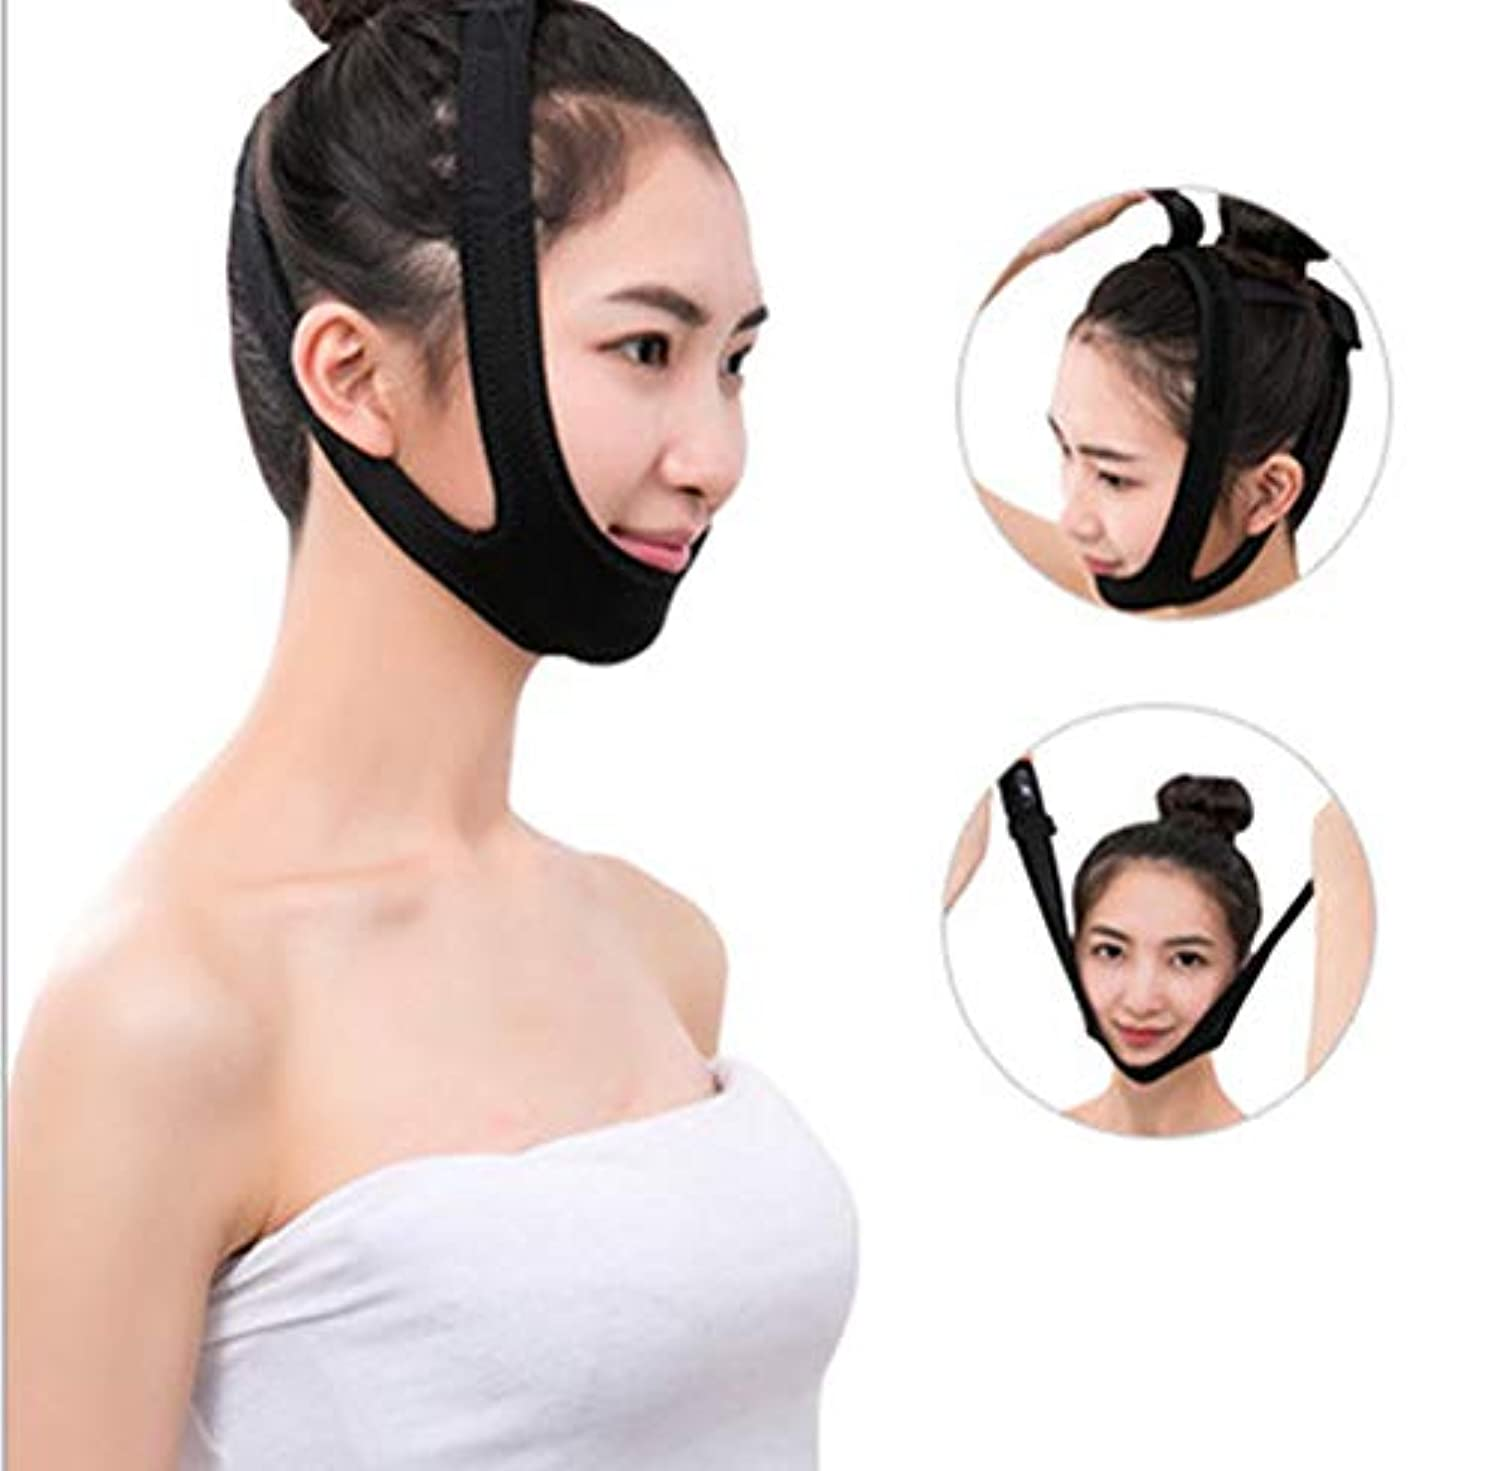 のためにバスケットボールダイジェストLquide薄いフェイスマスク包帯タイトリフティングライン彫刻形状強化V顔睡眠薄いフェイスマスクブラックプロフェッショナル